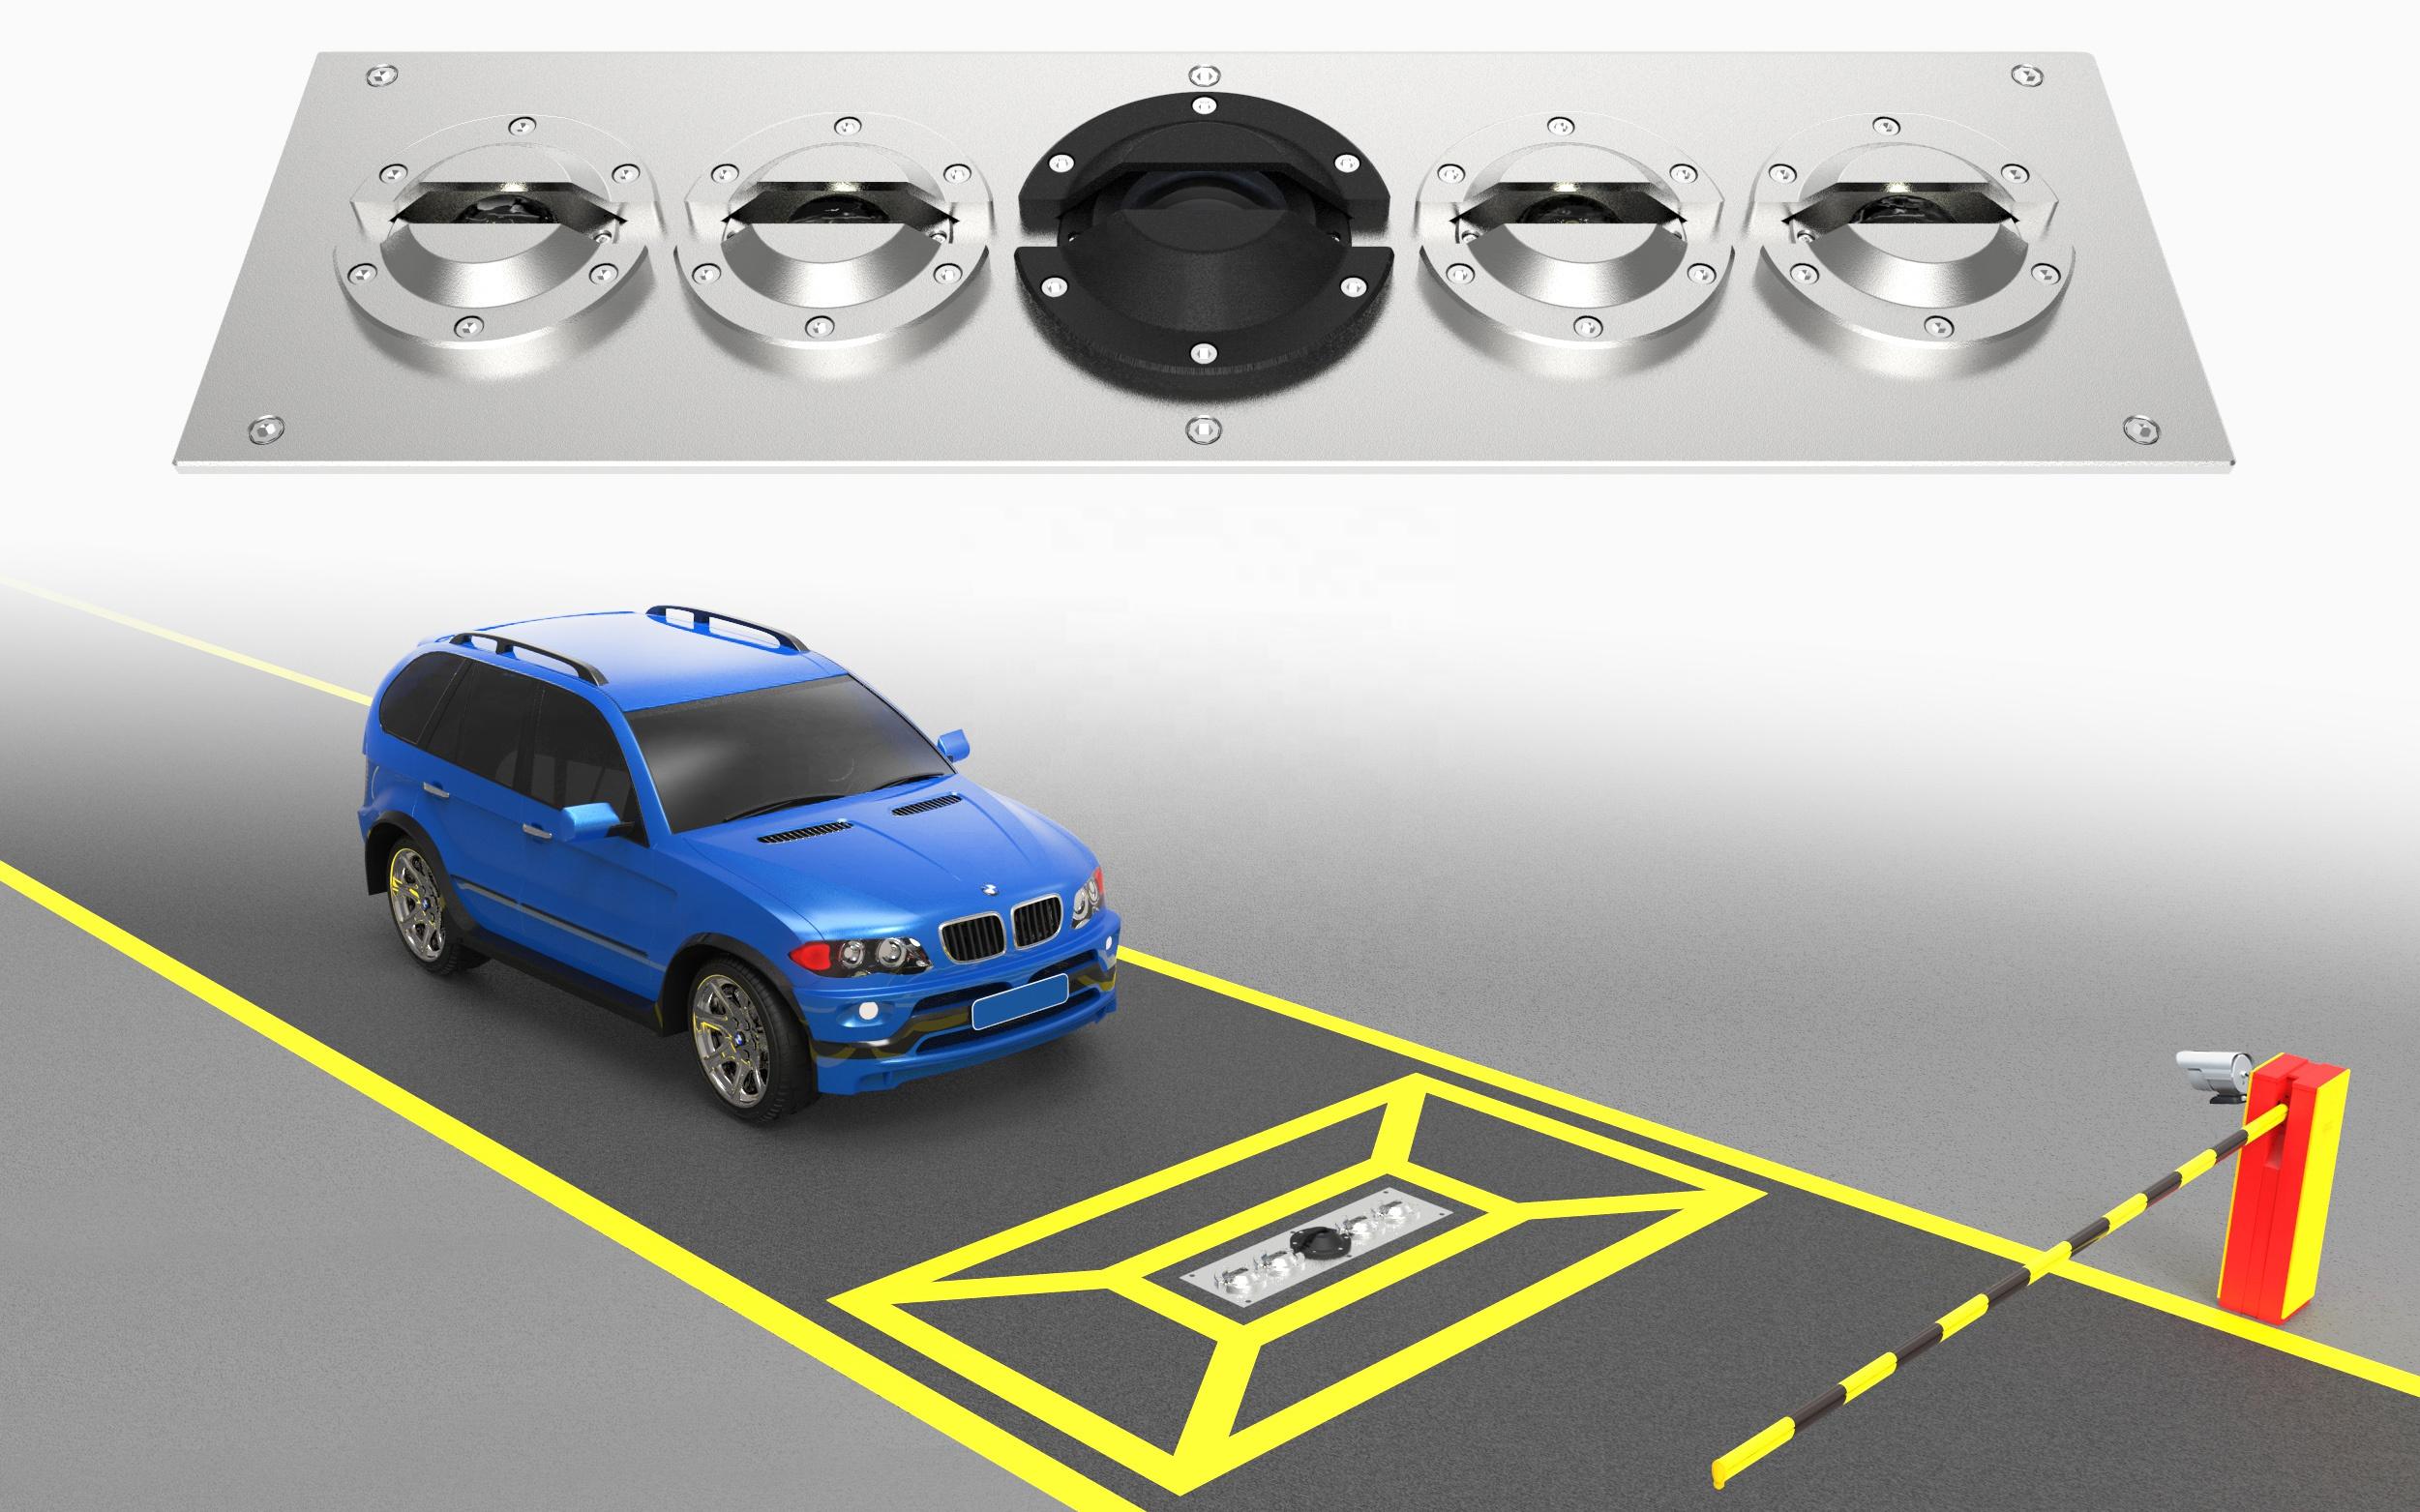 UVSS/UISS Under Vehicle Surveillance System